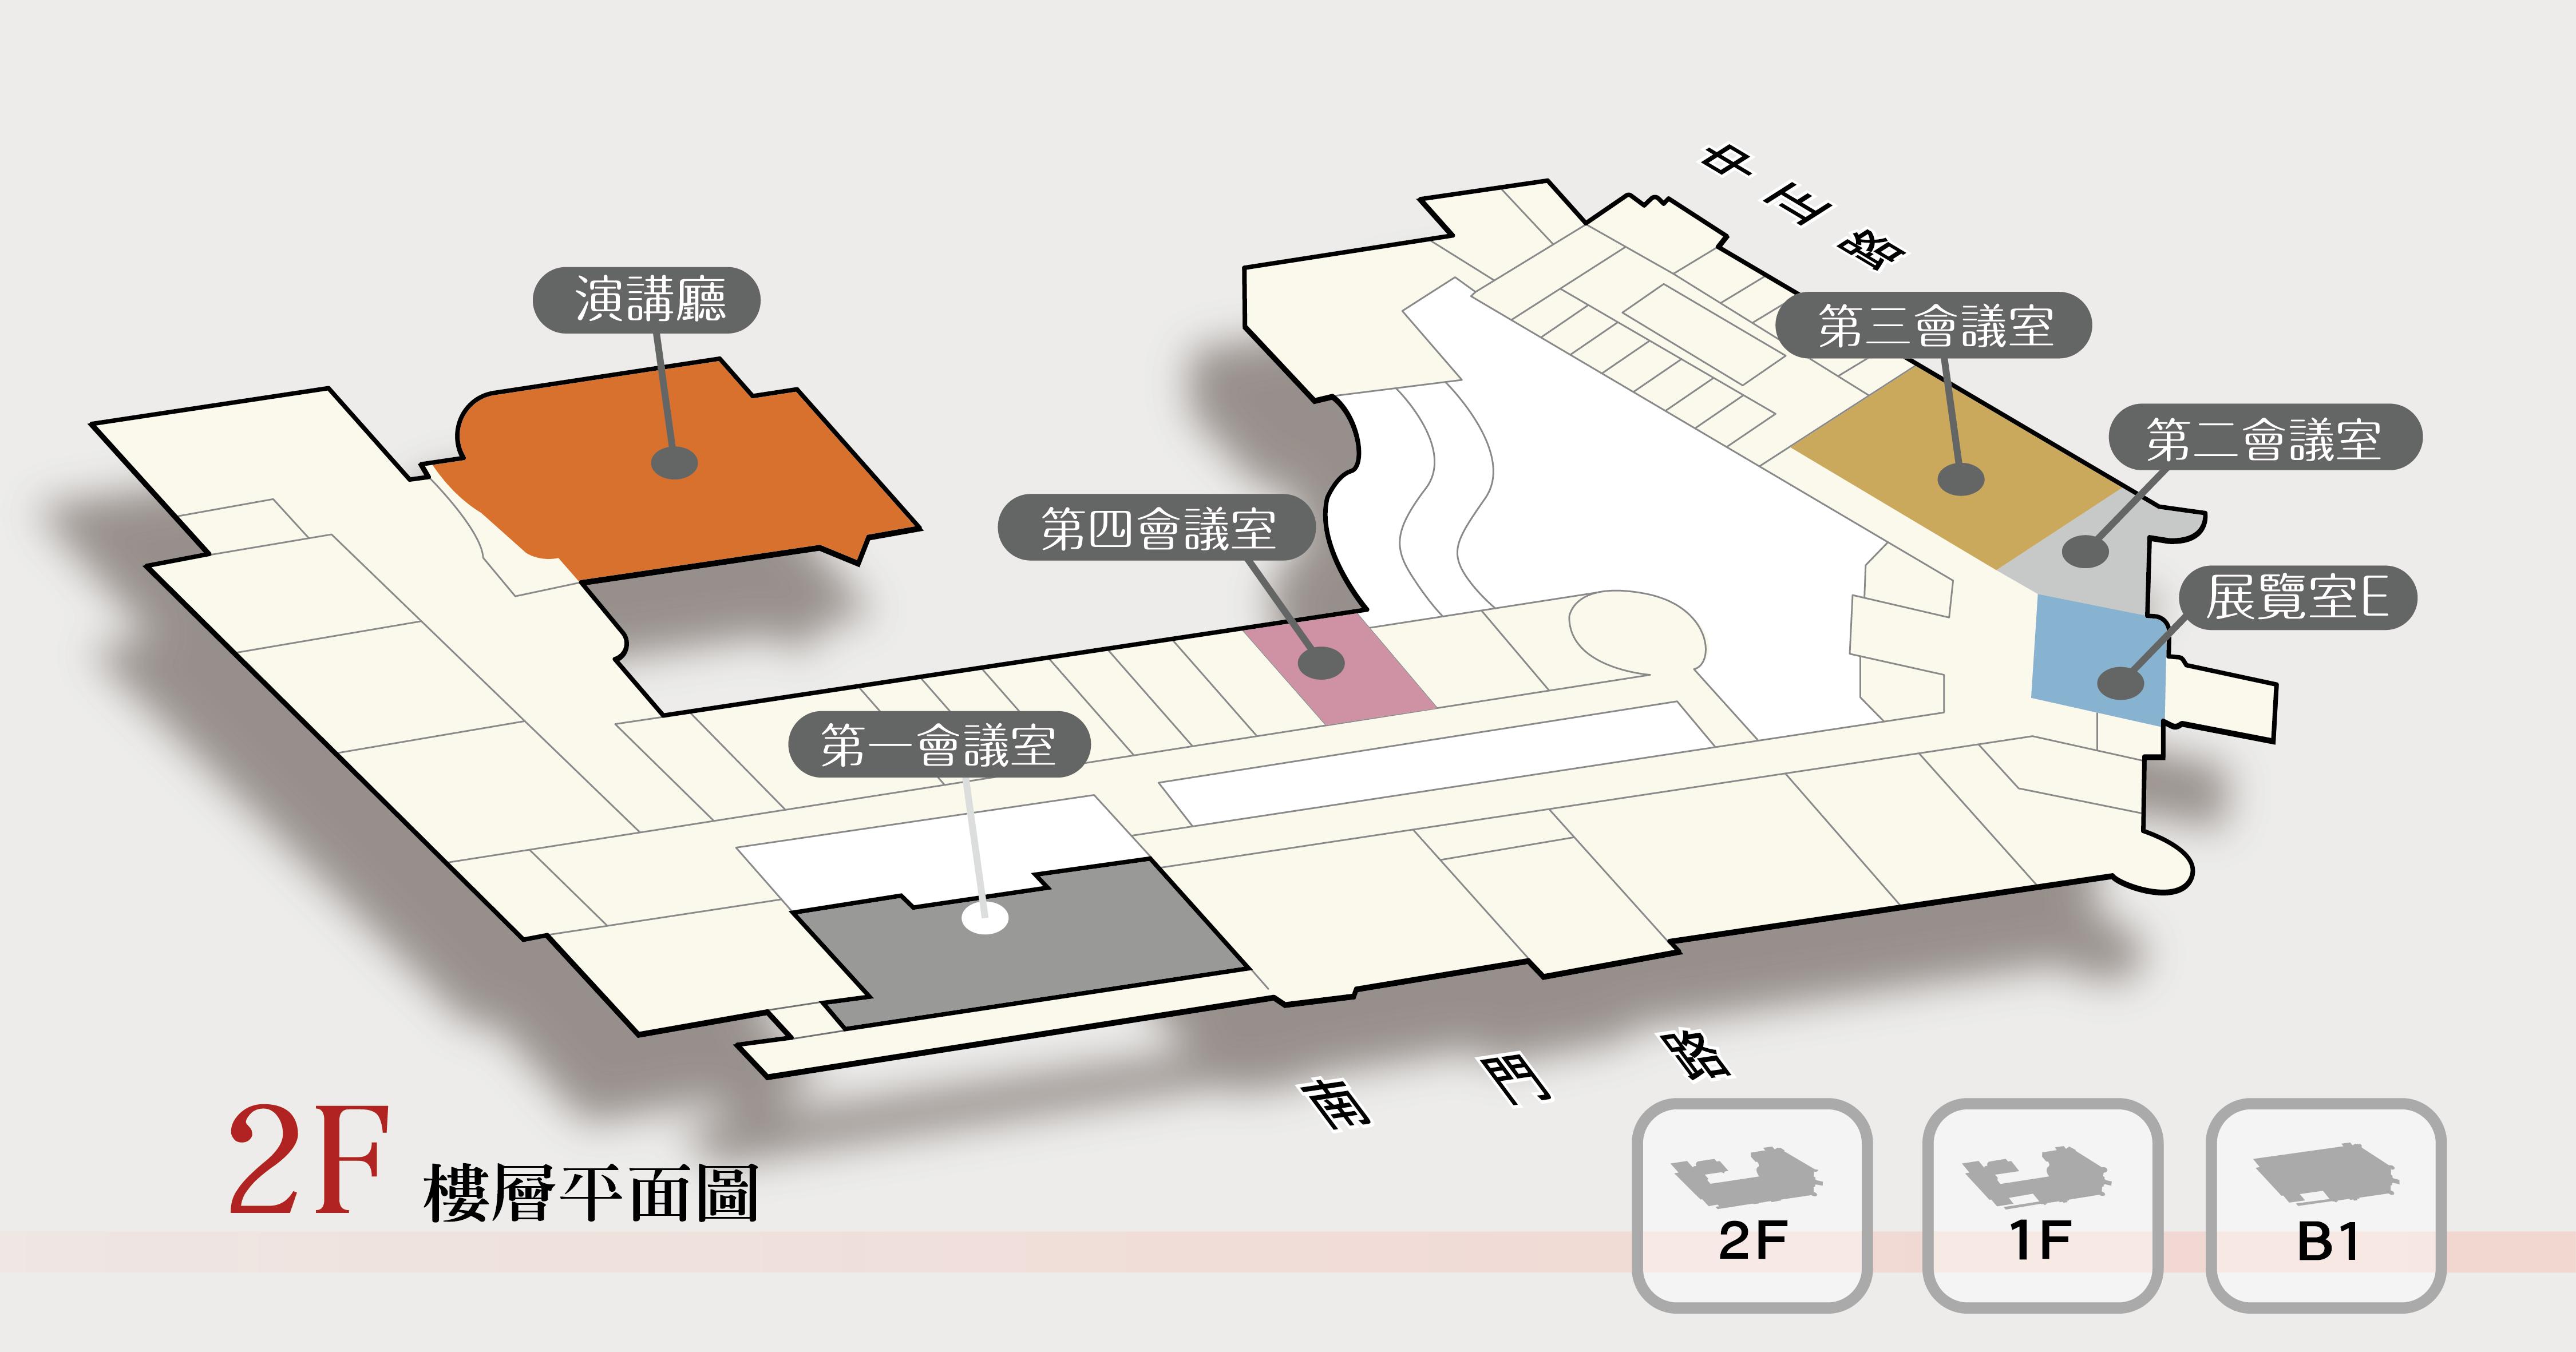 0906-文學館-張大哥-平面圖-2F.png